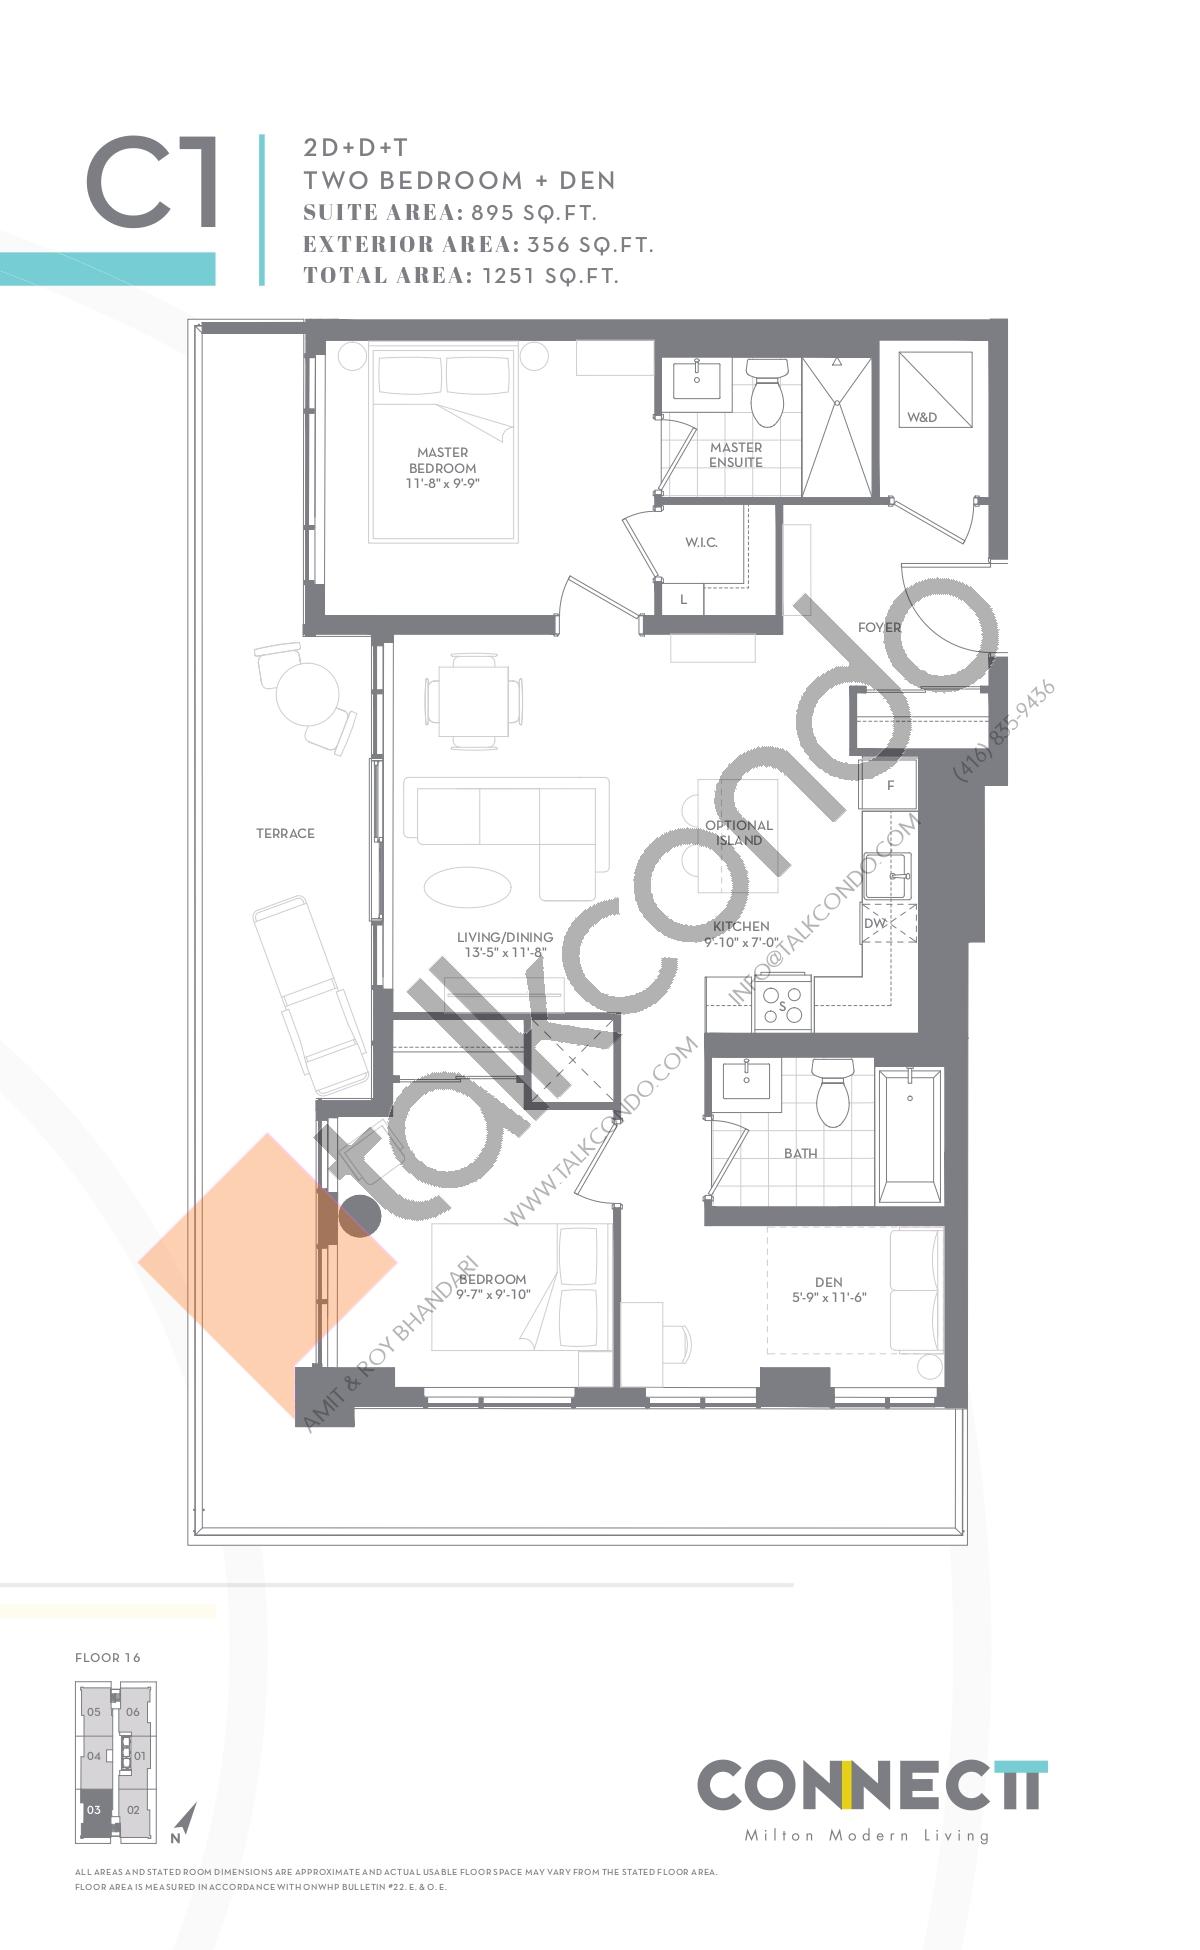 2D+D+T Floor Plan at Connectt Urban Community Condos - 895 sq.ft